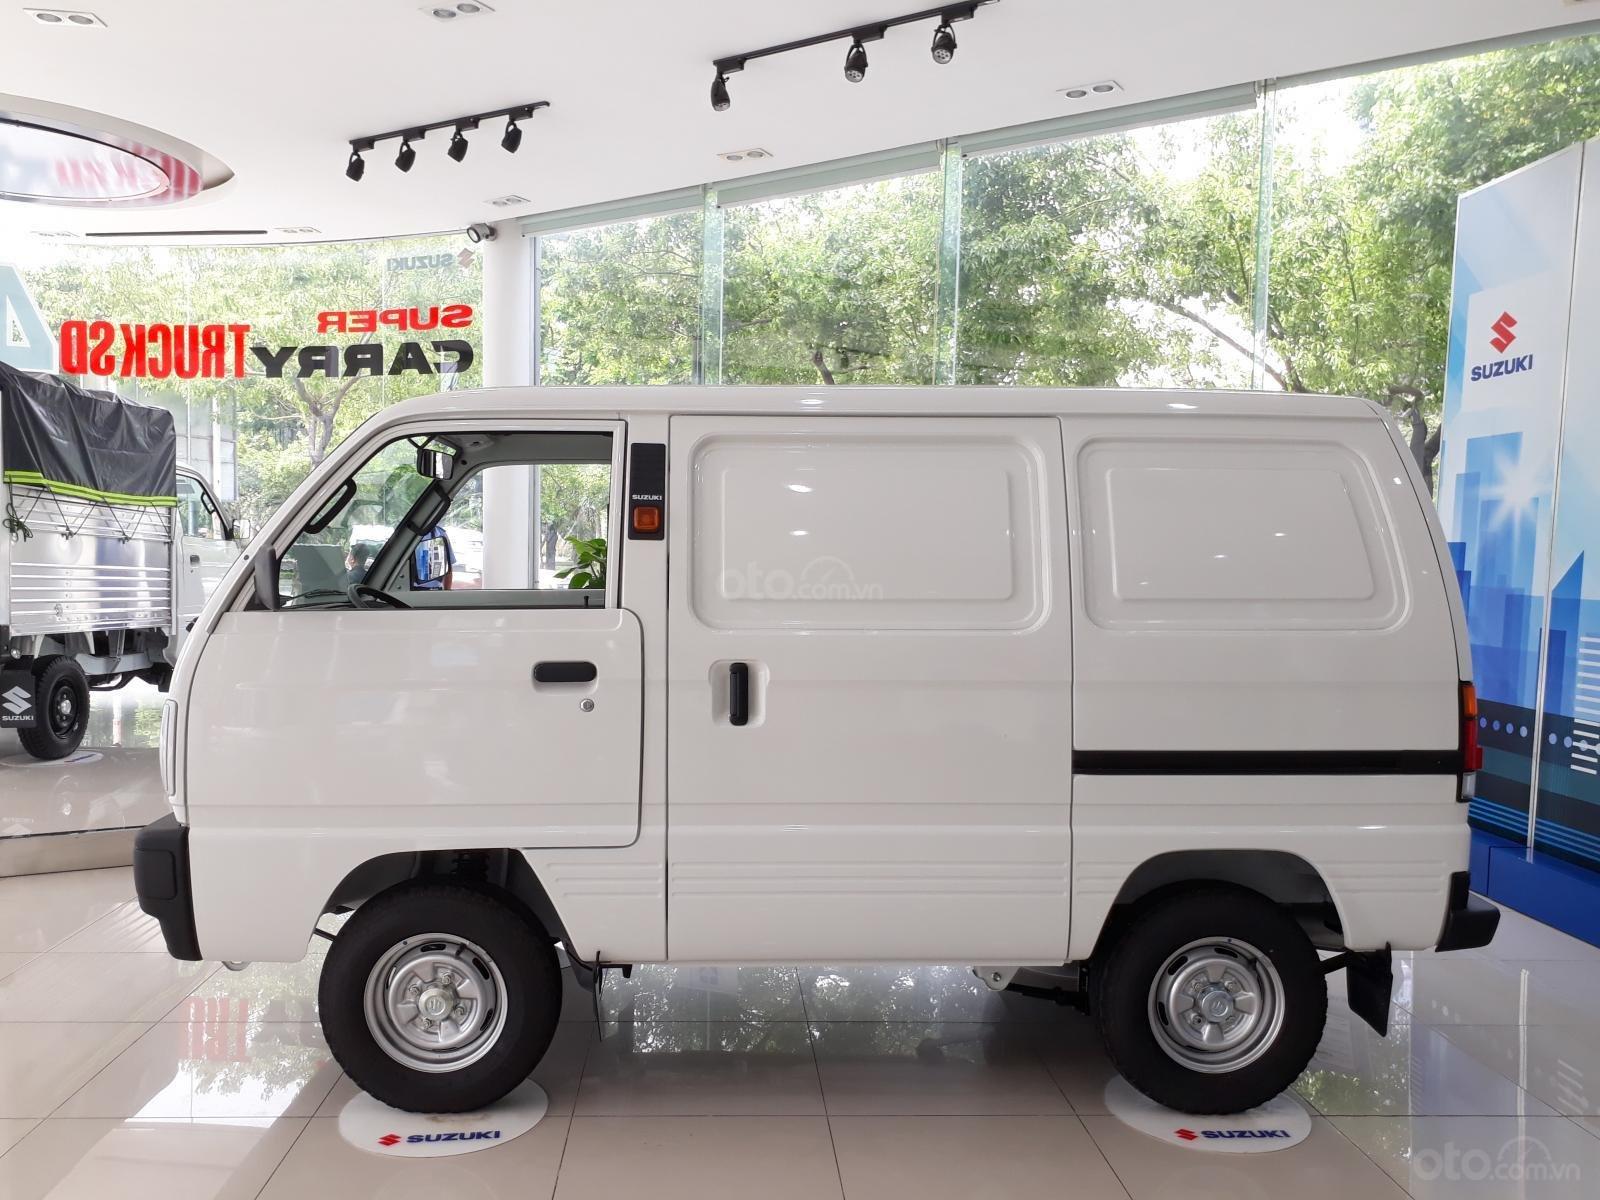 Xe tải Suzuki Van chạy giờ cấm, ưu đãi 10 triệu tháng 10 (2)